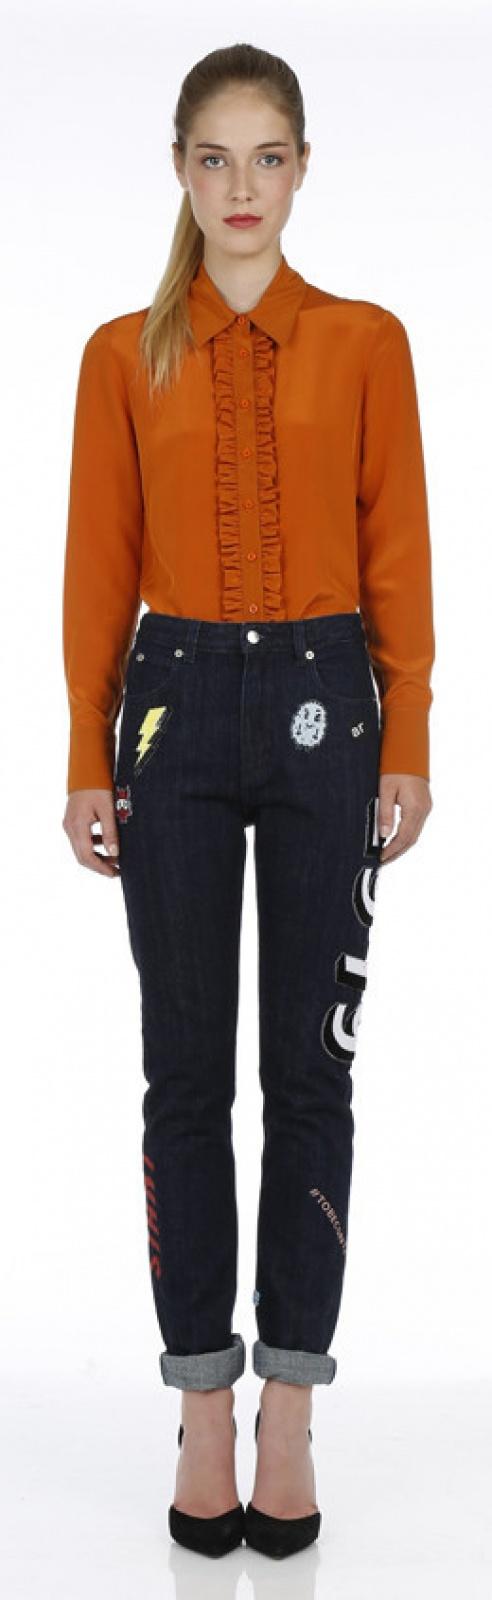 American Retro - Jean